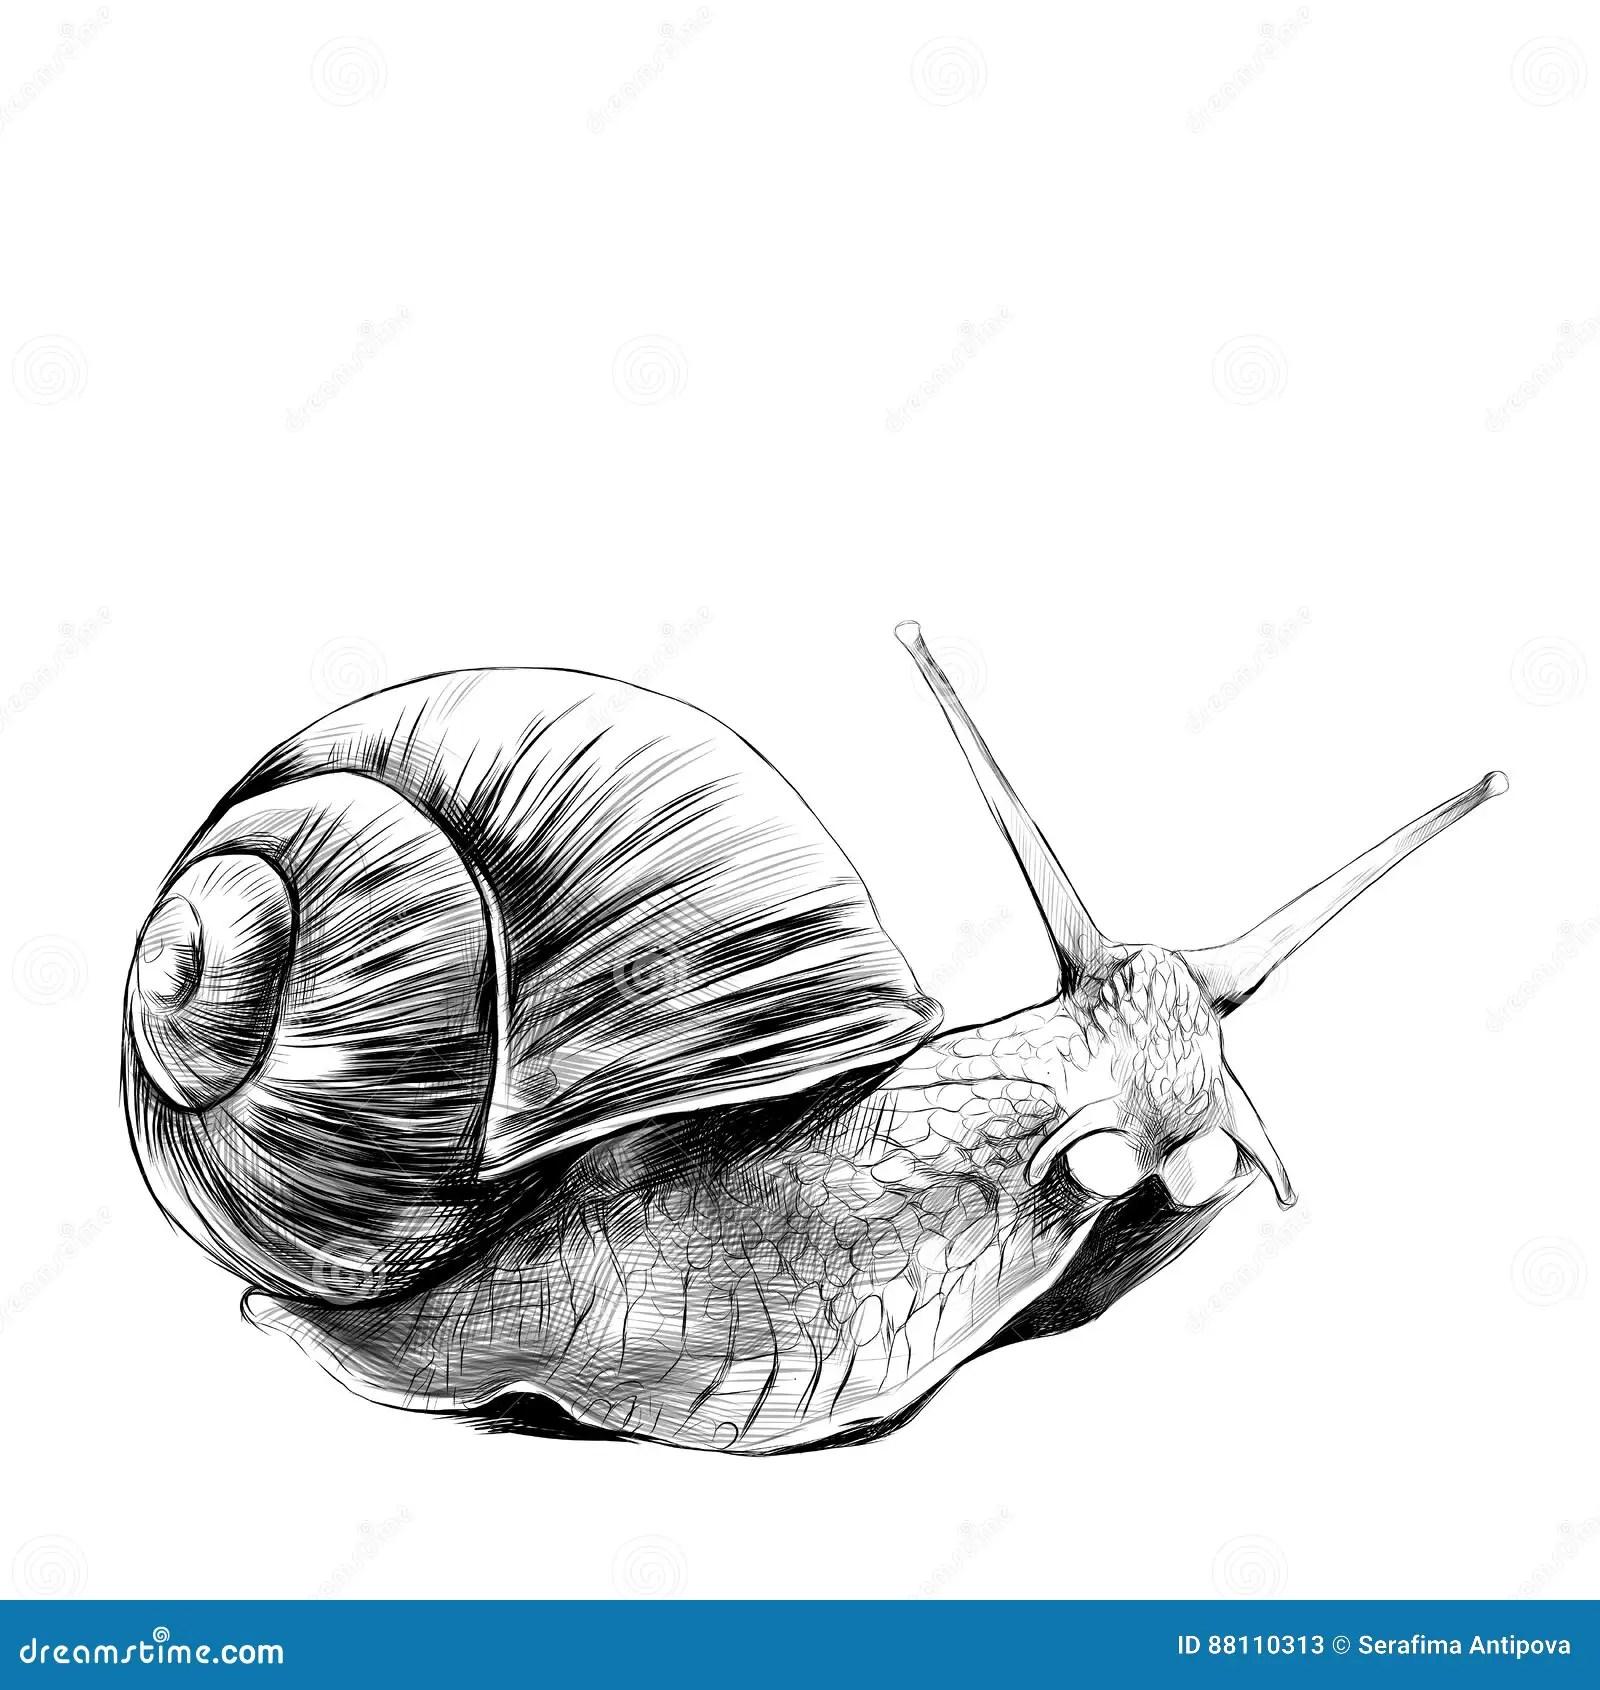 Snail Sketch Stock Illustrations 2 835 Snail Sketch